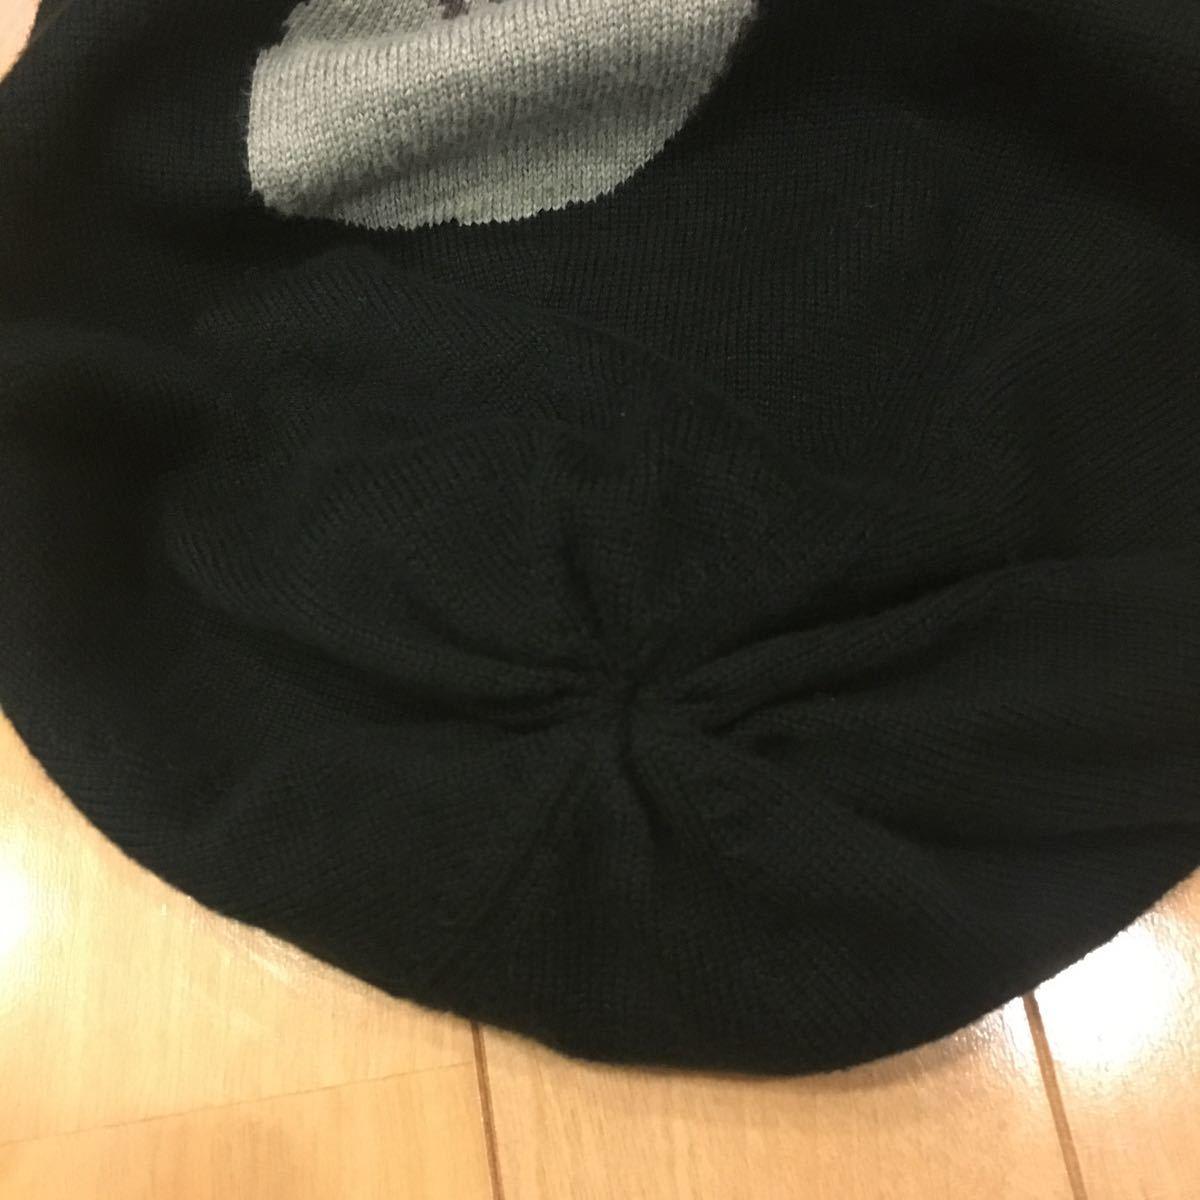 新品未使用タグ付き 13SS mastermind JAPAN DAMAGE KNIT CAP 黒 M マスターマインド ニットキャップ ニット帽 ビーニー_画像7